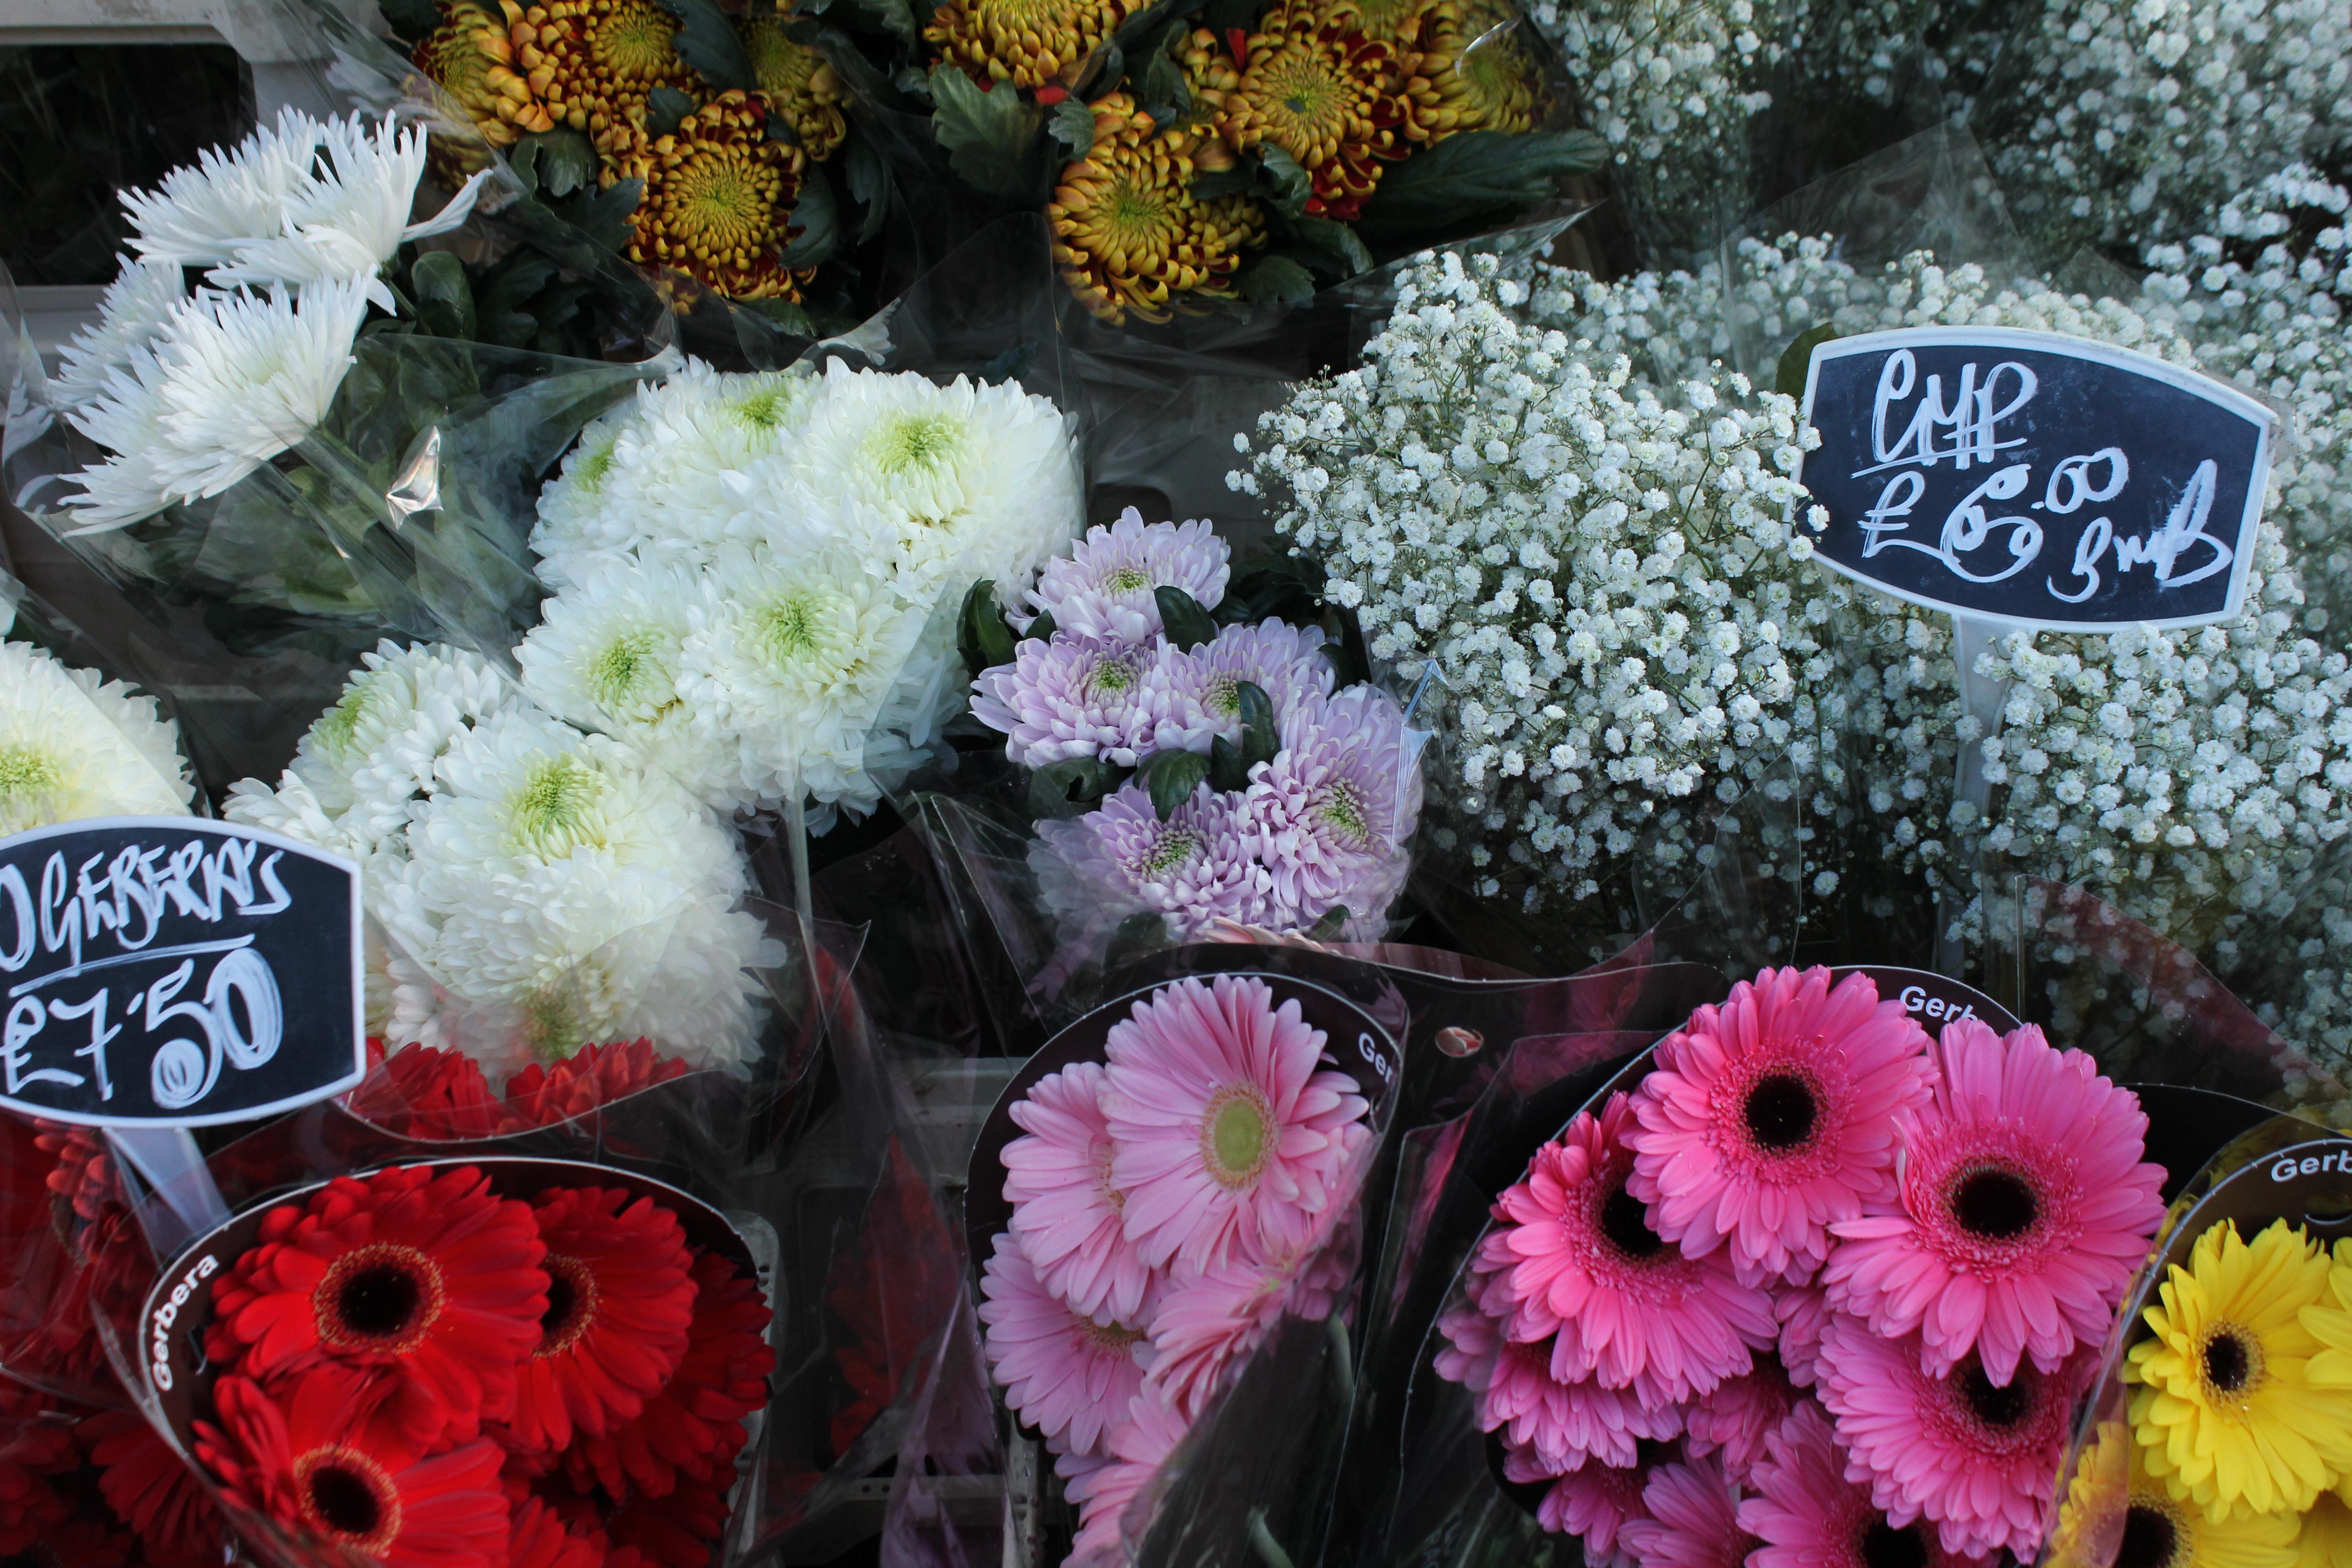 Columbia Roadin kukkamarkkinat: sunnuntai kasvien ja hipstereiden parissa